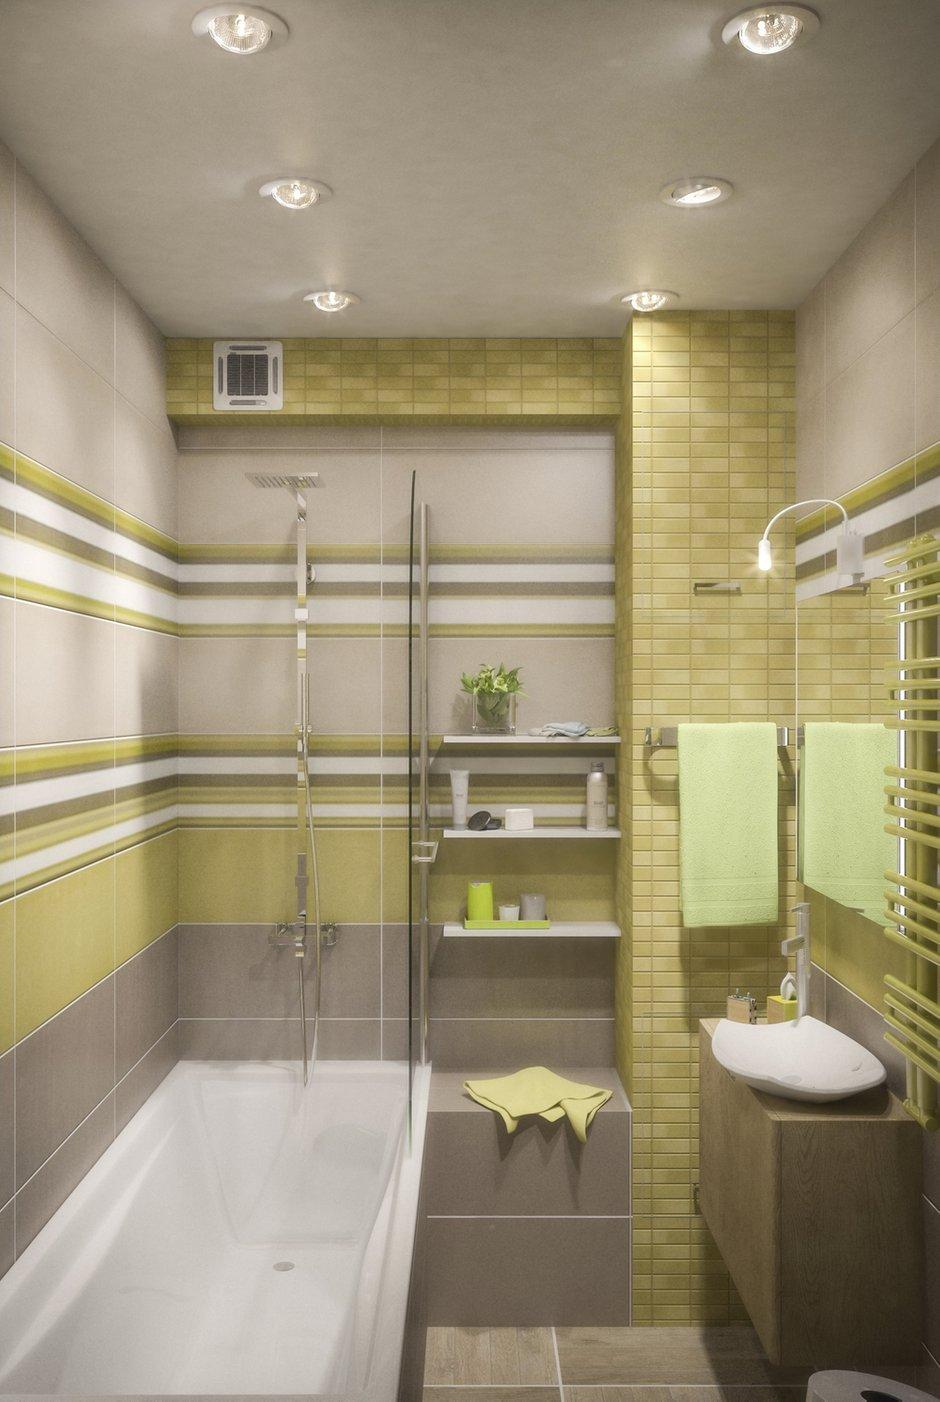 Фотография: Ванная в стиле Лофт, Современный, Малогабаритная квартира, Квартира, Дома и квартиры, Перепланировка – фото на INMYROOM